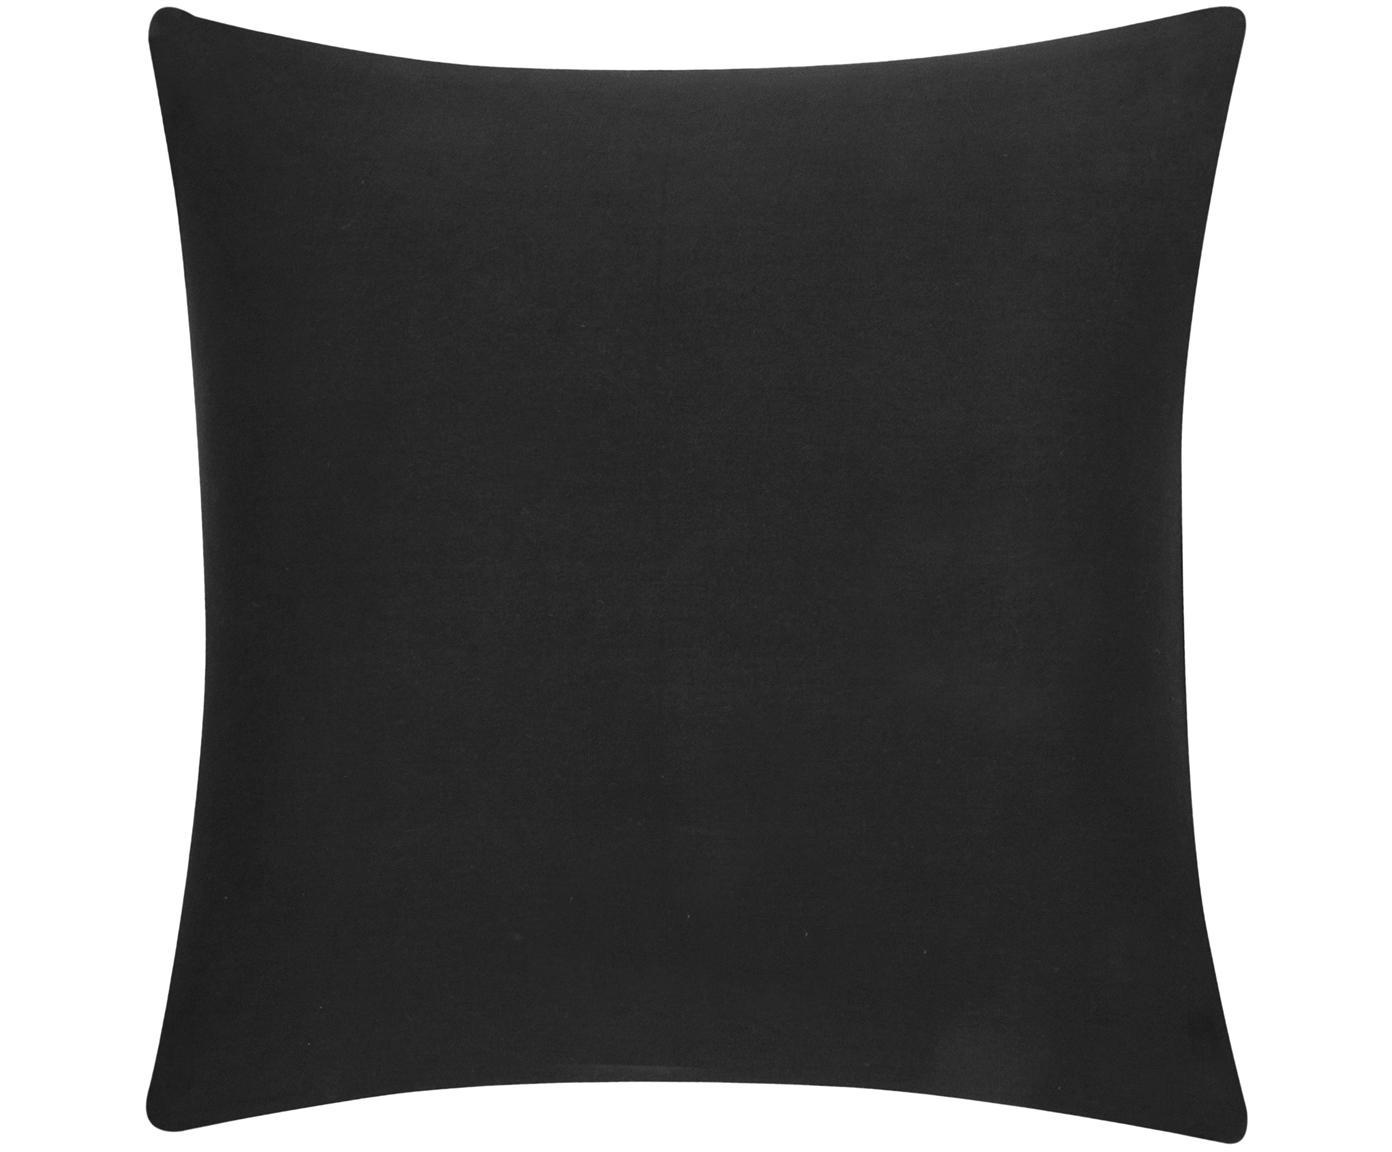 Funda de cojín de algodón Mads, Algodón, Negro, An 40 x L 40 cm